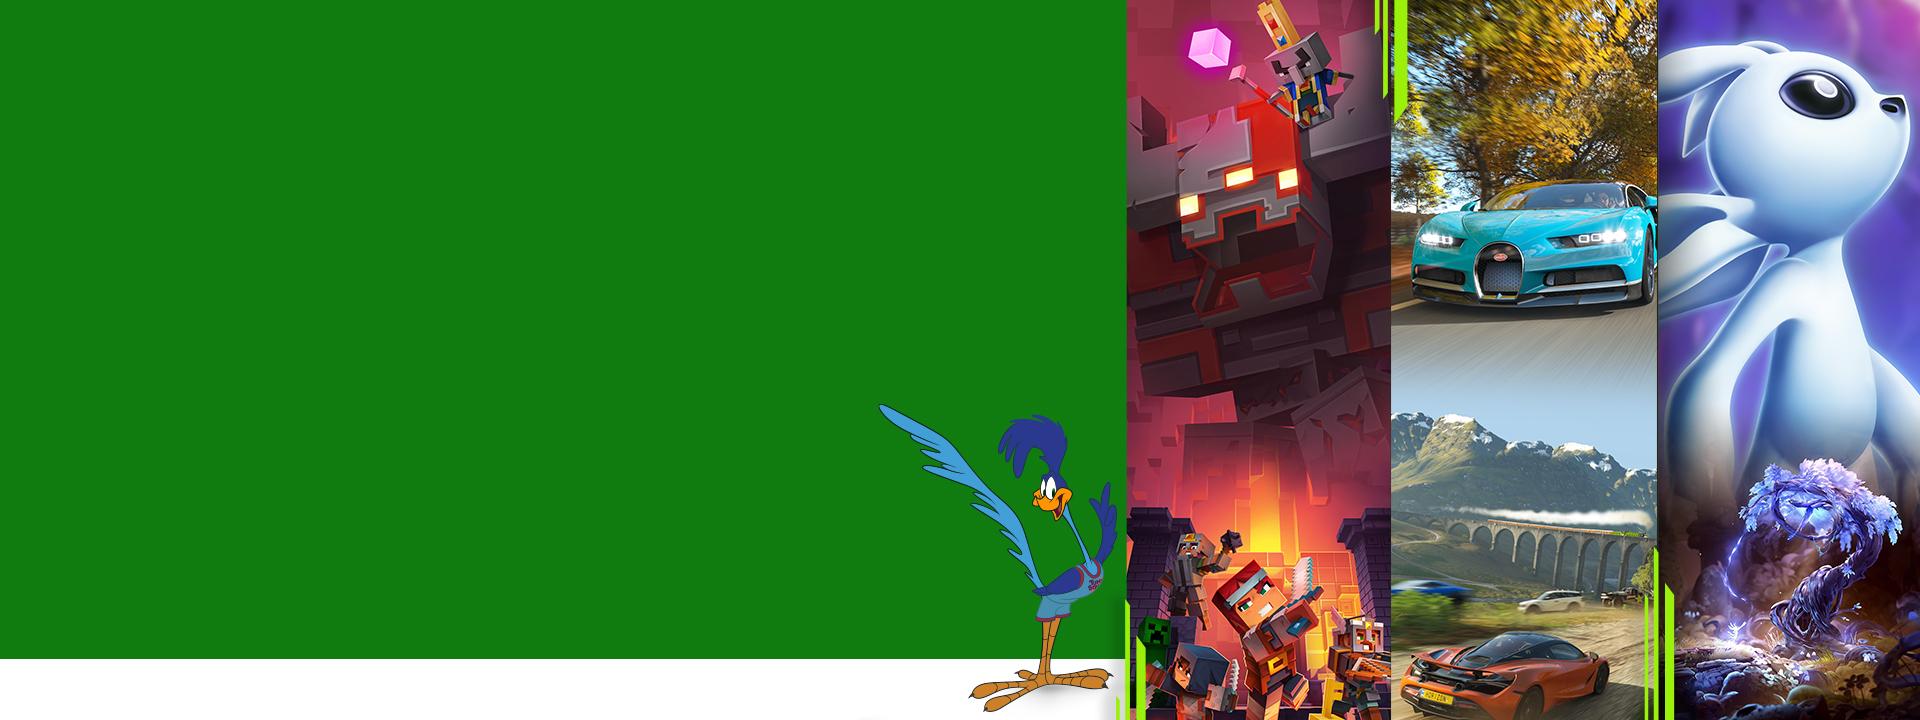 Road Runner neben Game-Art für Minecraft Dungeons, Forza Horizon 4 und Ori and the Will of the Wisps, alle spielbar mit Xbox Game Pass